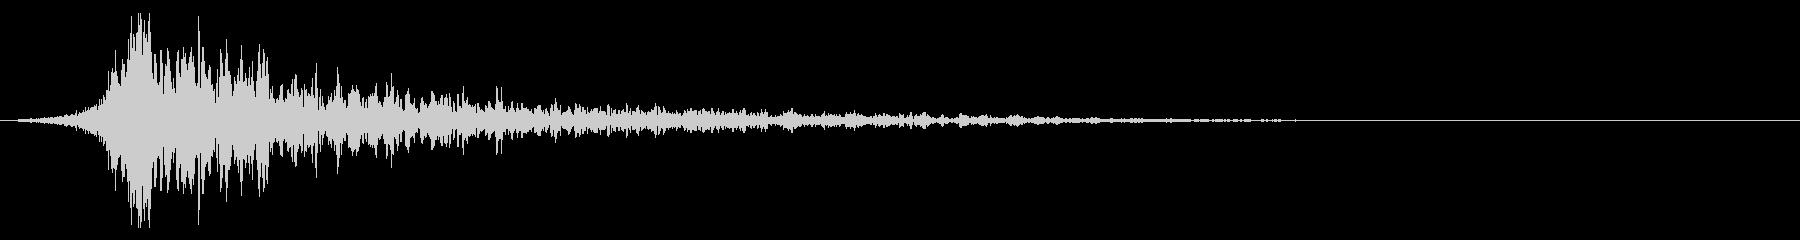 シュードーン-26-2(インパクト音)の未再生の波形